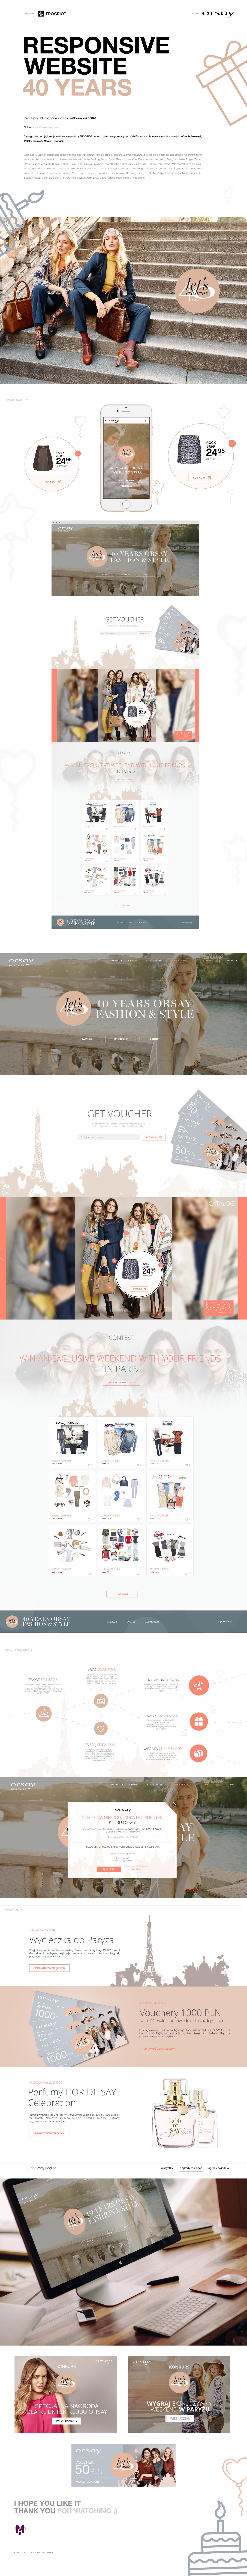 orsay moda fashionstyle Web rwd design site strona marcin rumierz